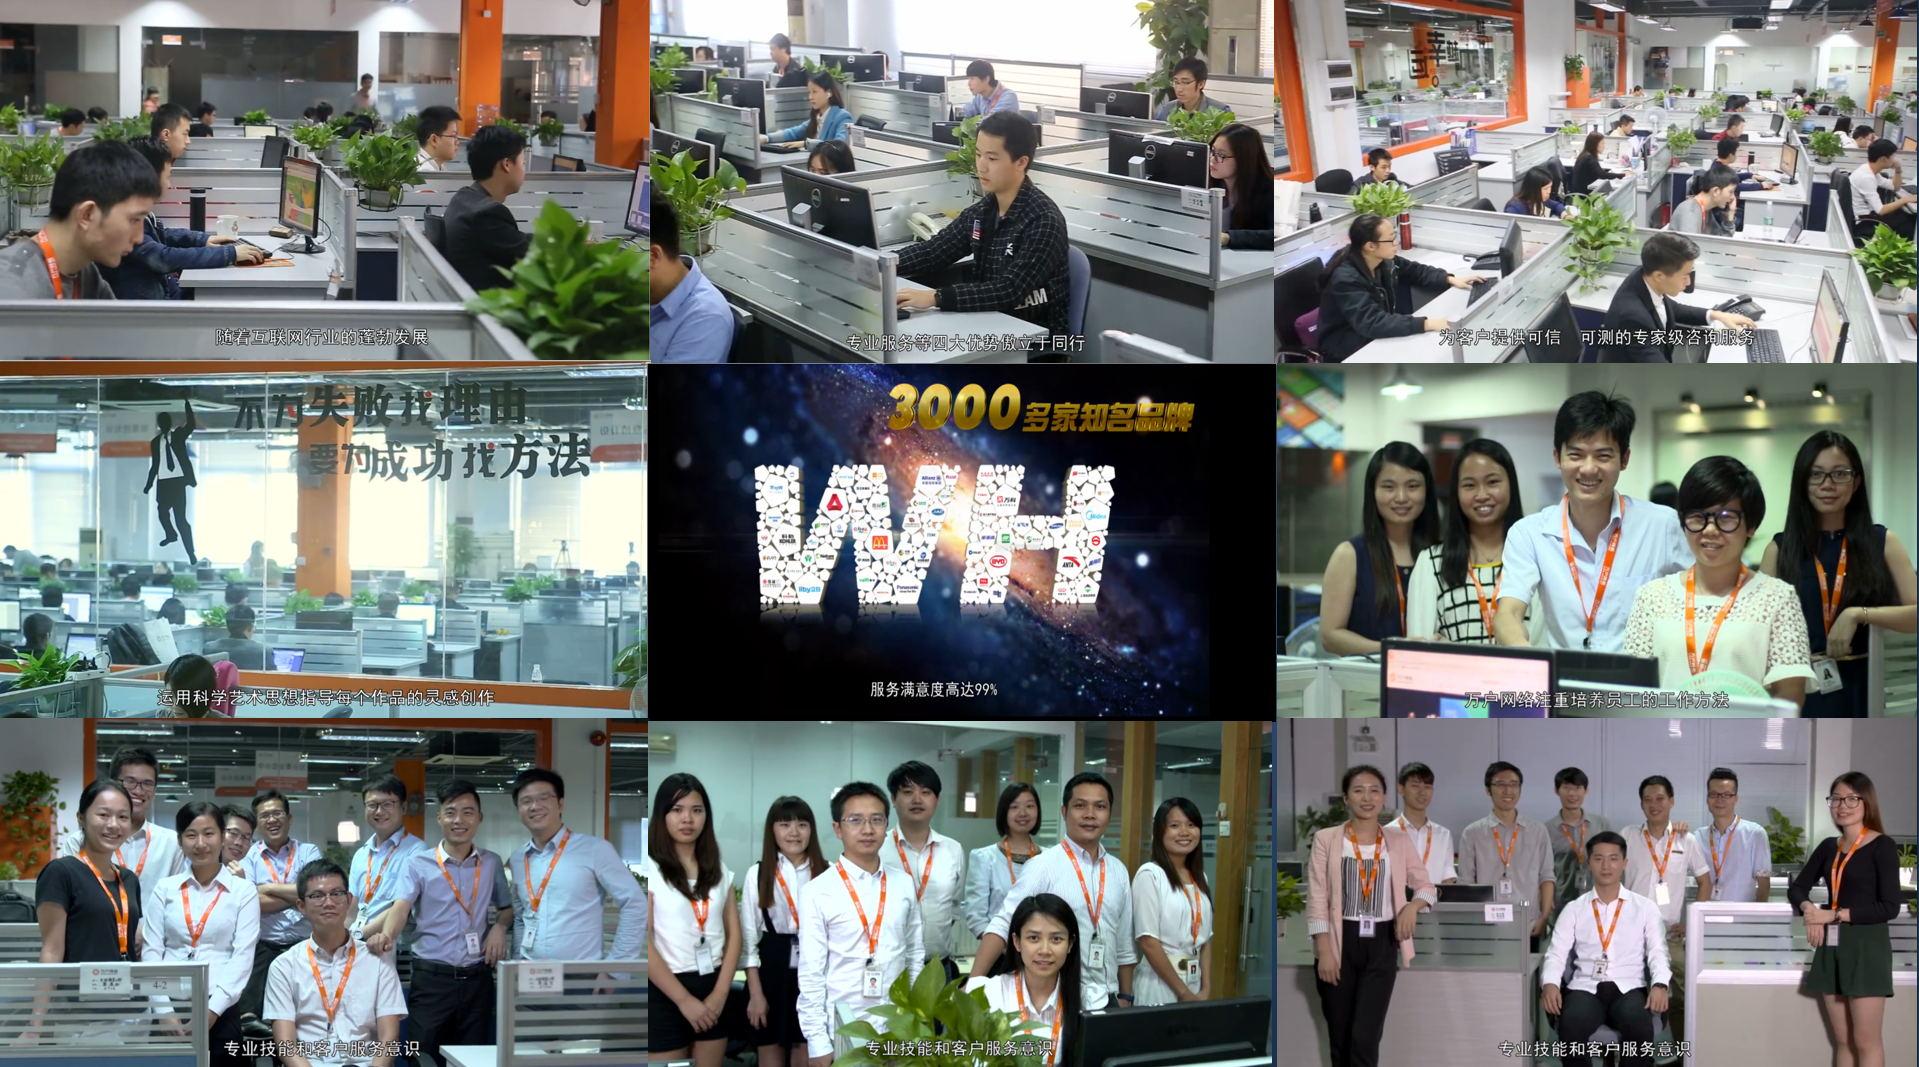 _公司企业网站建设官网响应式营销型网站定制开发制作设计商城改版24